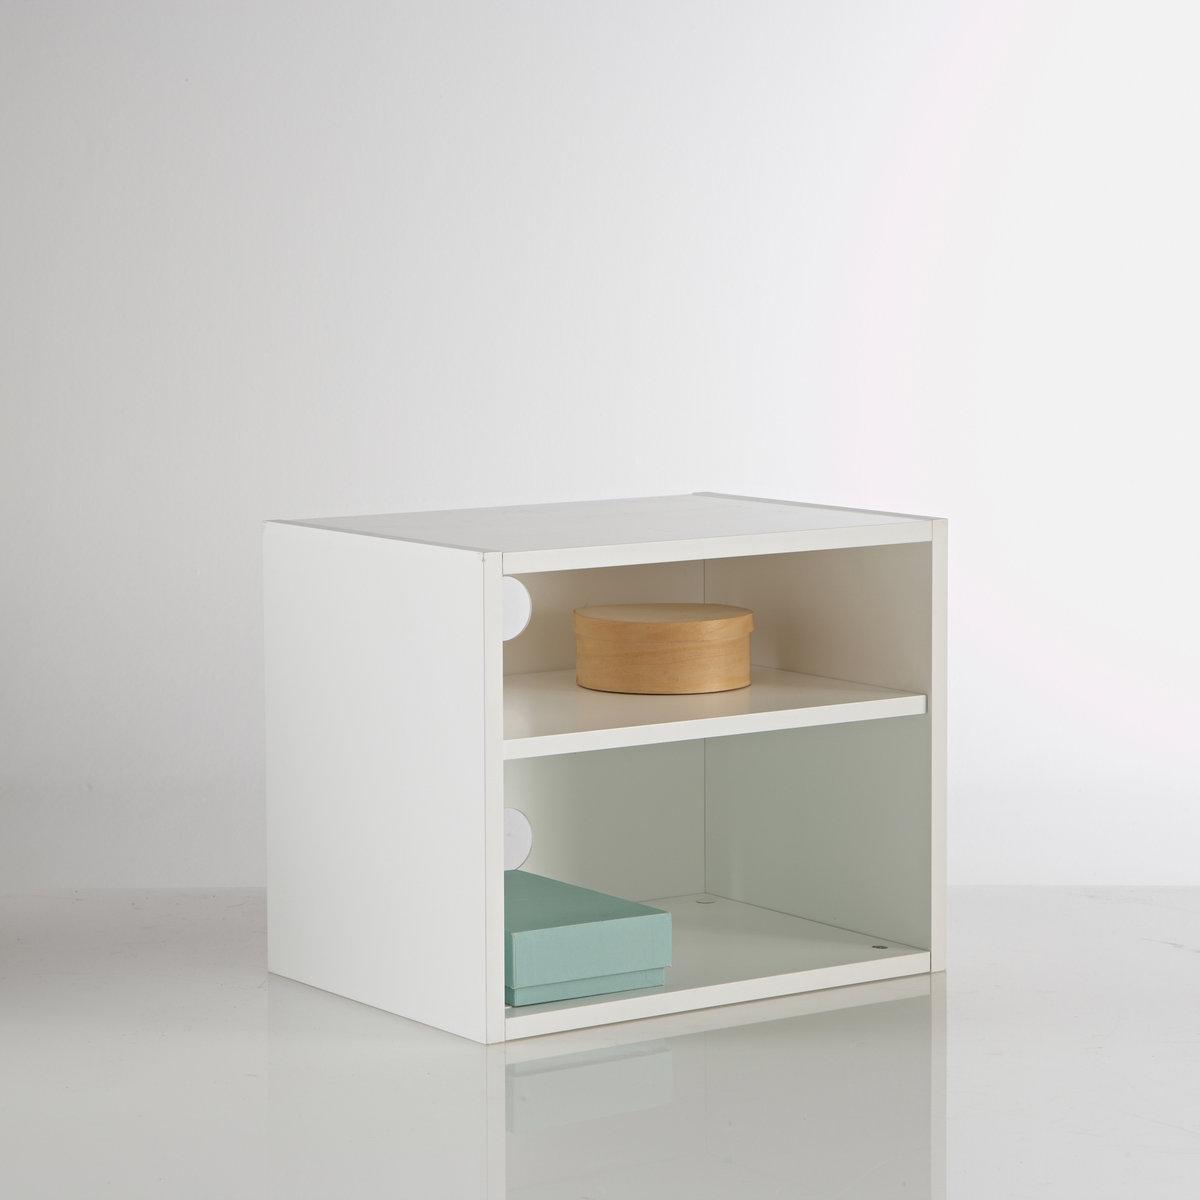 Этажерка, GABIA от Sam BARONЭтажерка с 2 отделениями от SAM BARON :может сочетаться с банкеткой и другой мебелью для создания пространства для хранения вещей или с мебелью для TV . Описание этажерки GABIA :- МДФ с покрытием полиуретановым лаком .- 1 съемная и регулируемая полка, 2 отделения, 2 отверстия для кабеля .- В комплекте - настенный крепеж .- Размер: 48.5 x 40 x 35 см .<br><br>Цвет: белый<br>Размер: единый размер